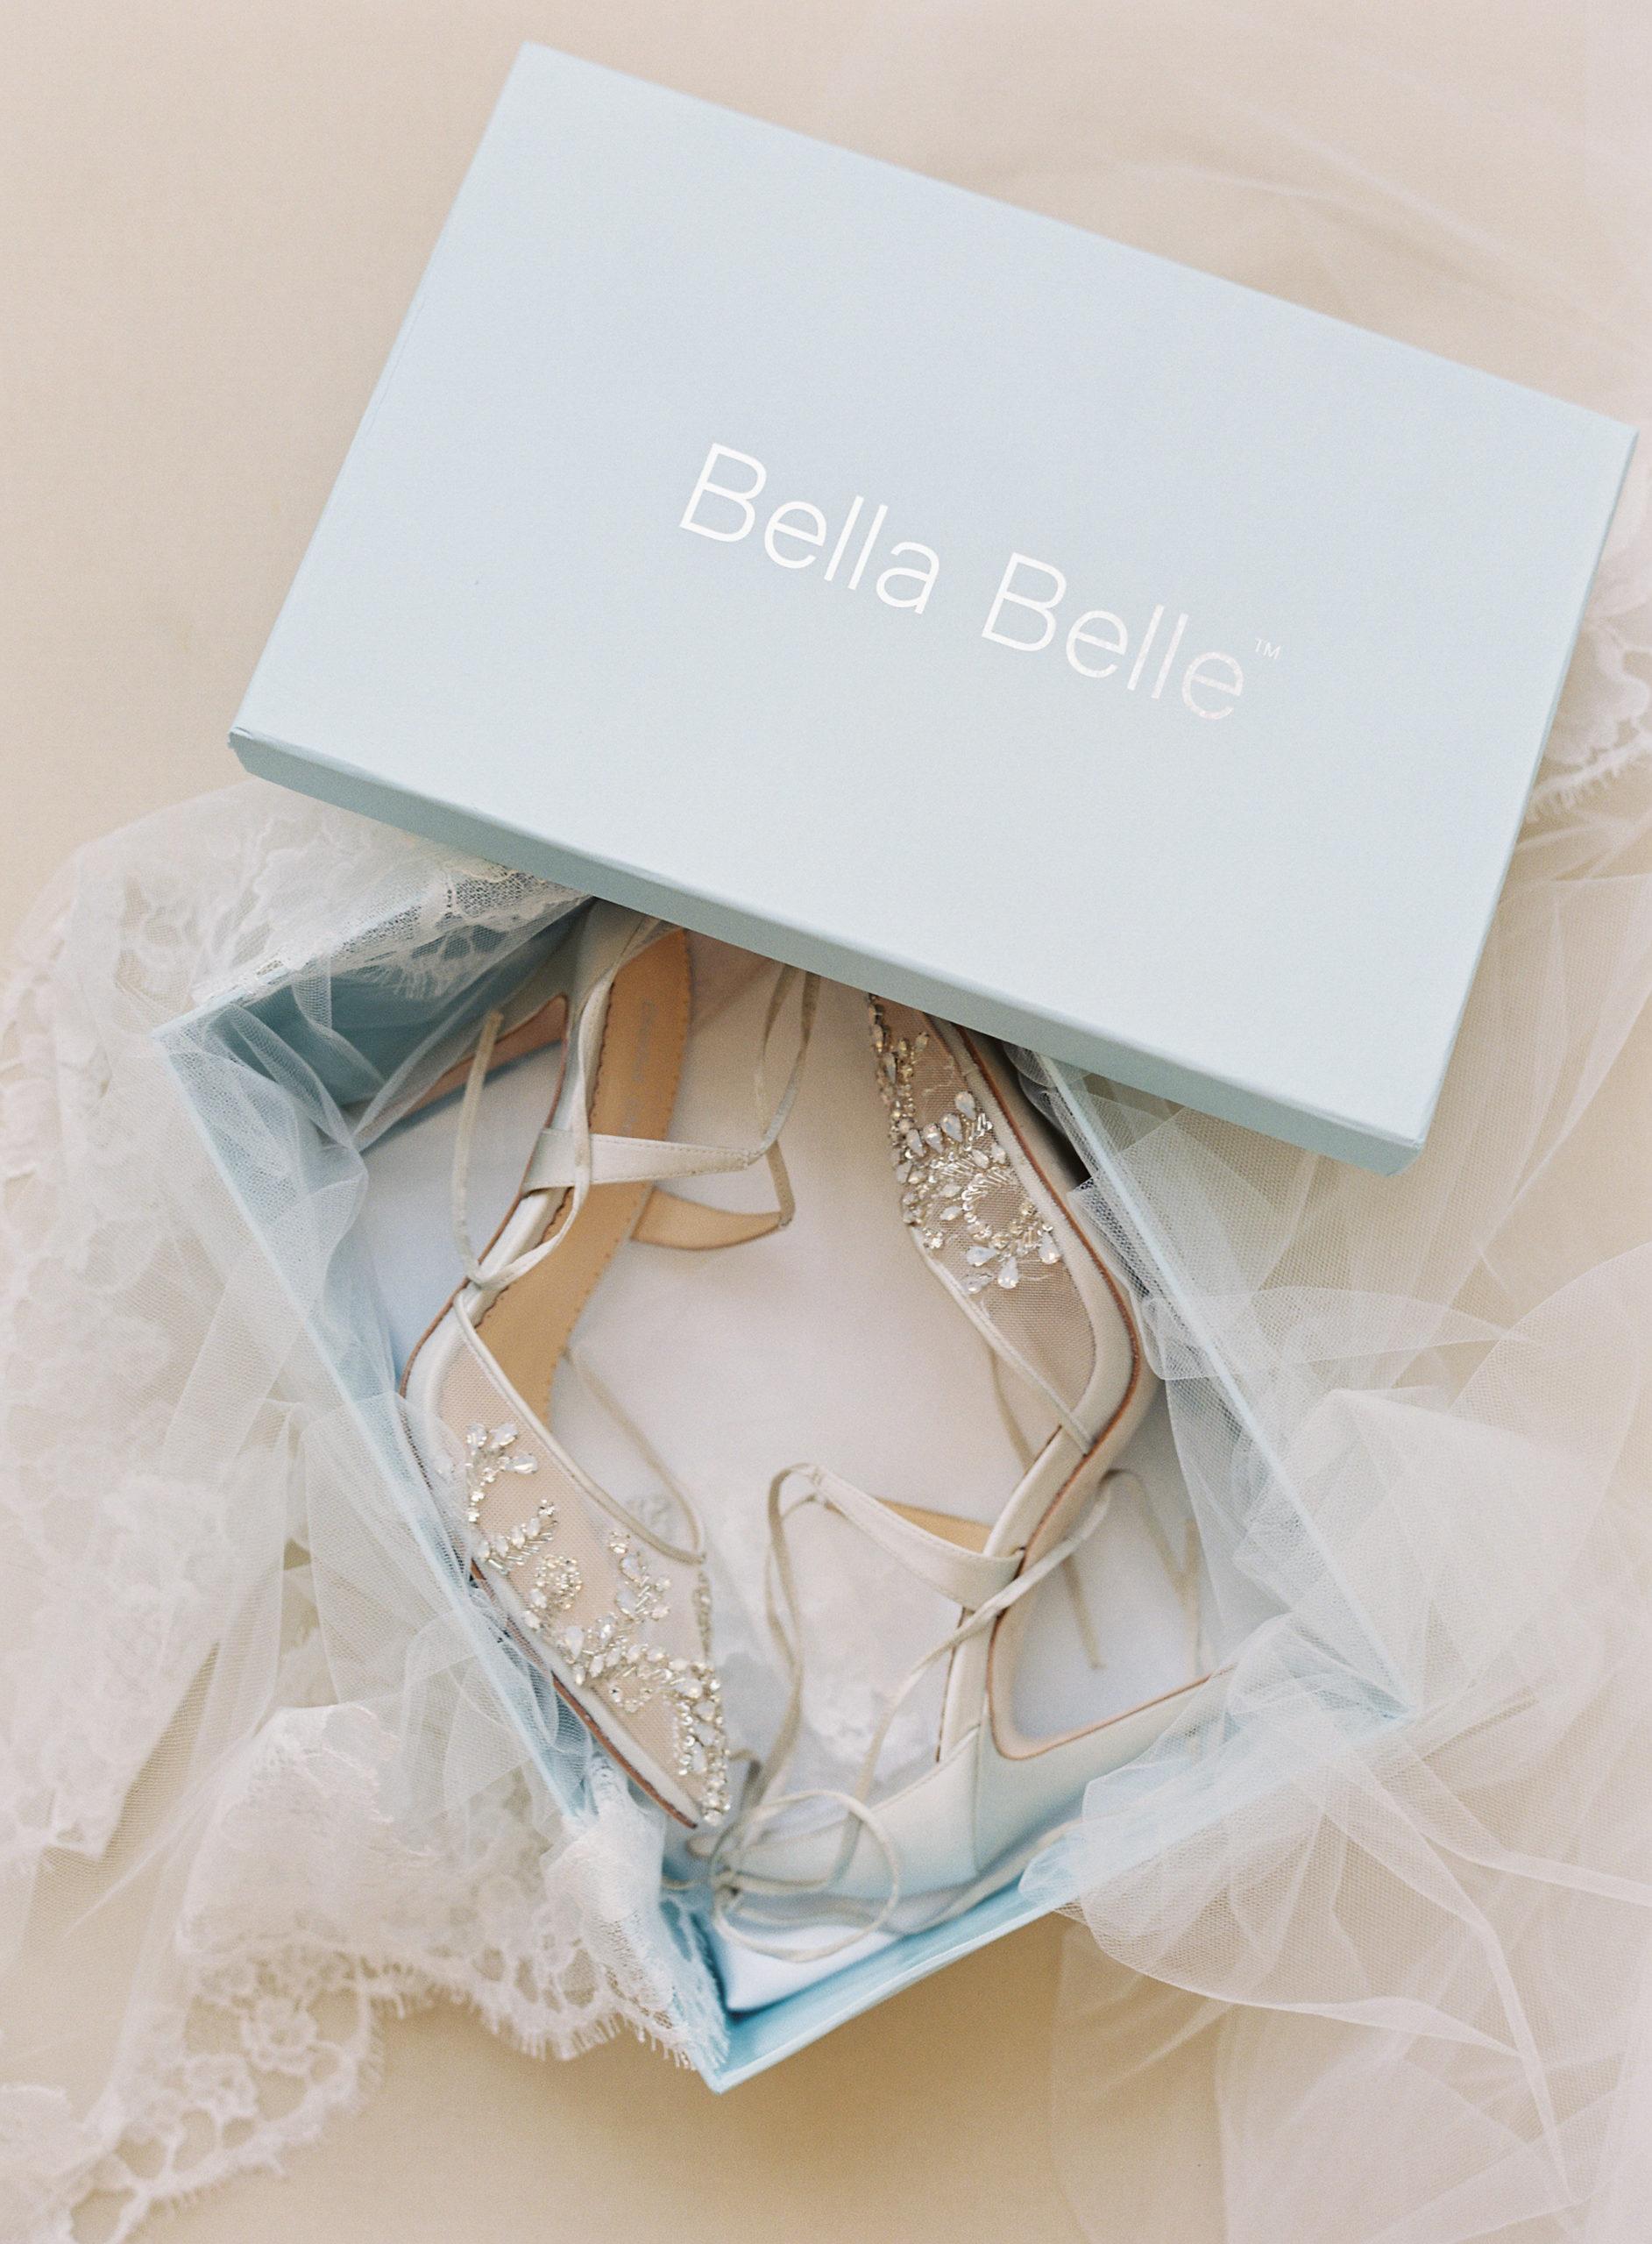 Bella Belle Shoes chaussures souliers mariée confortable strass 10cm talon haut ivoire Genève